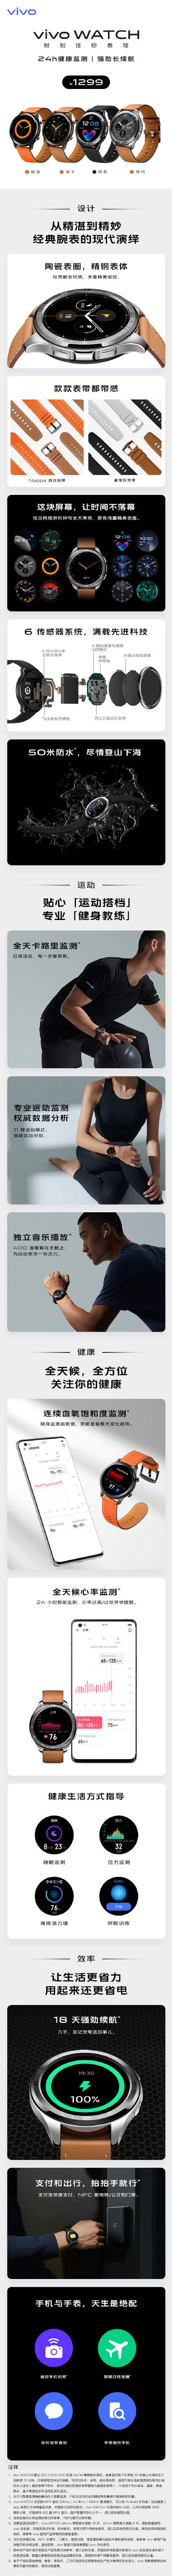 vivo watch发布会